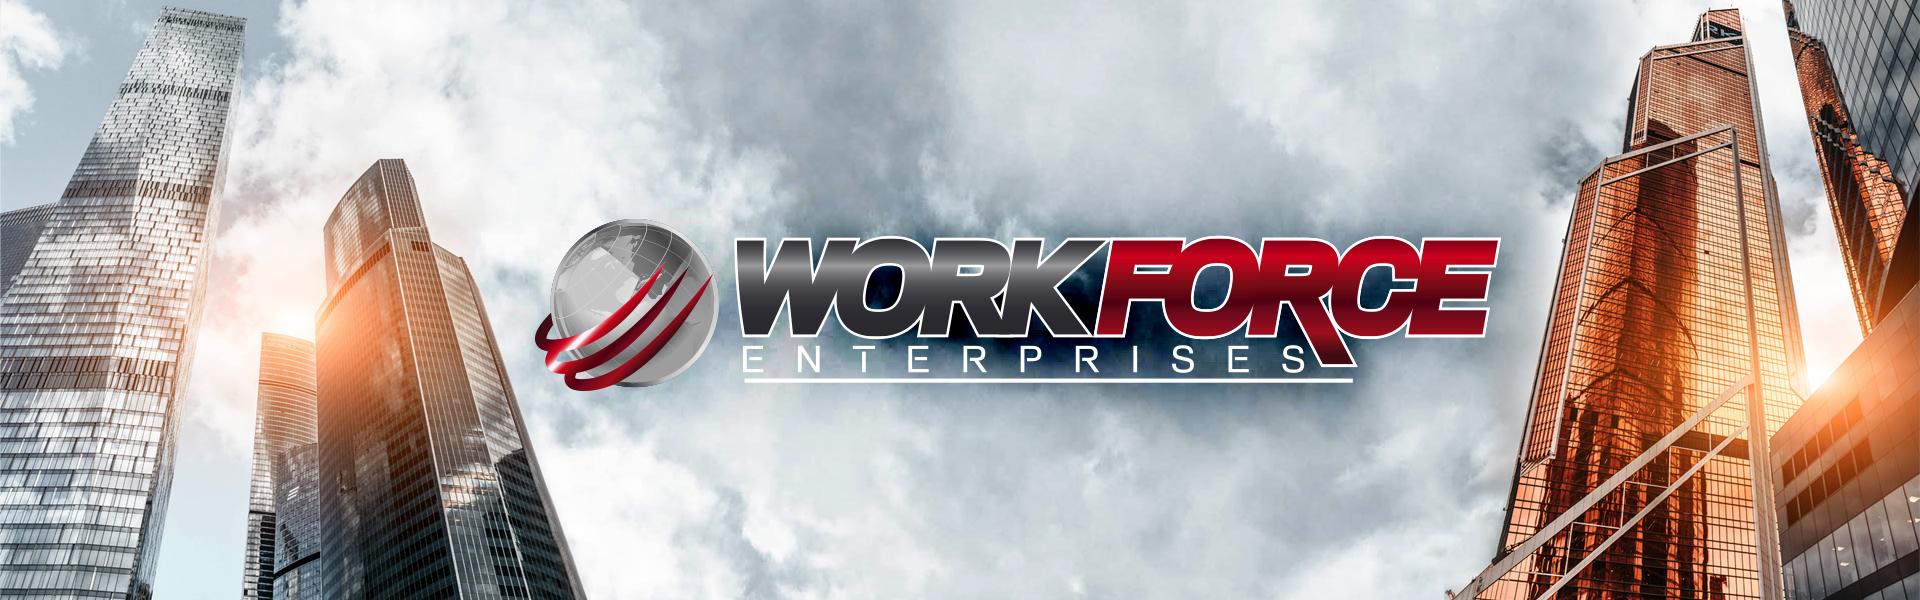 Workforce Enterprises - Banner Towers